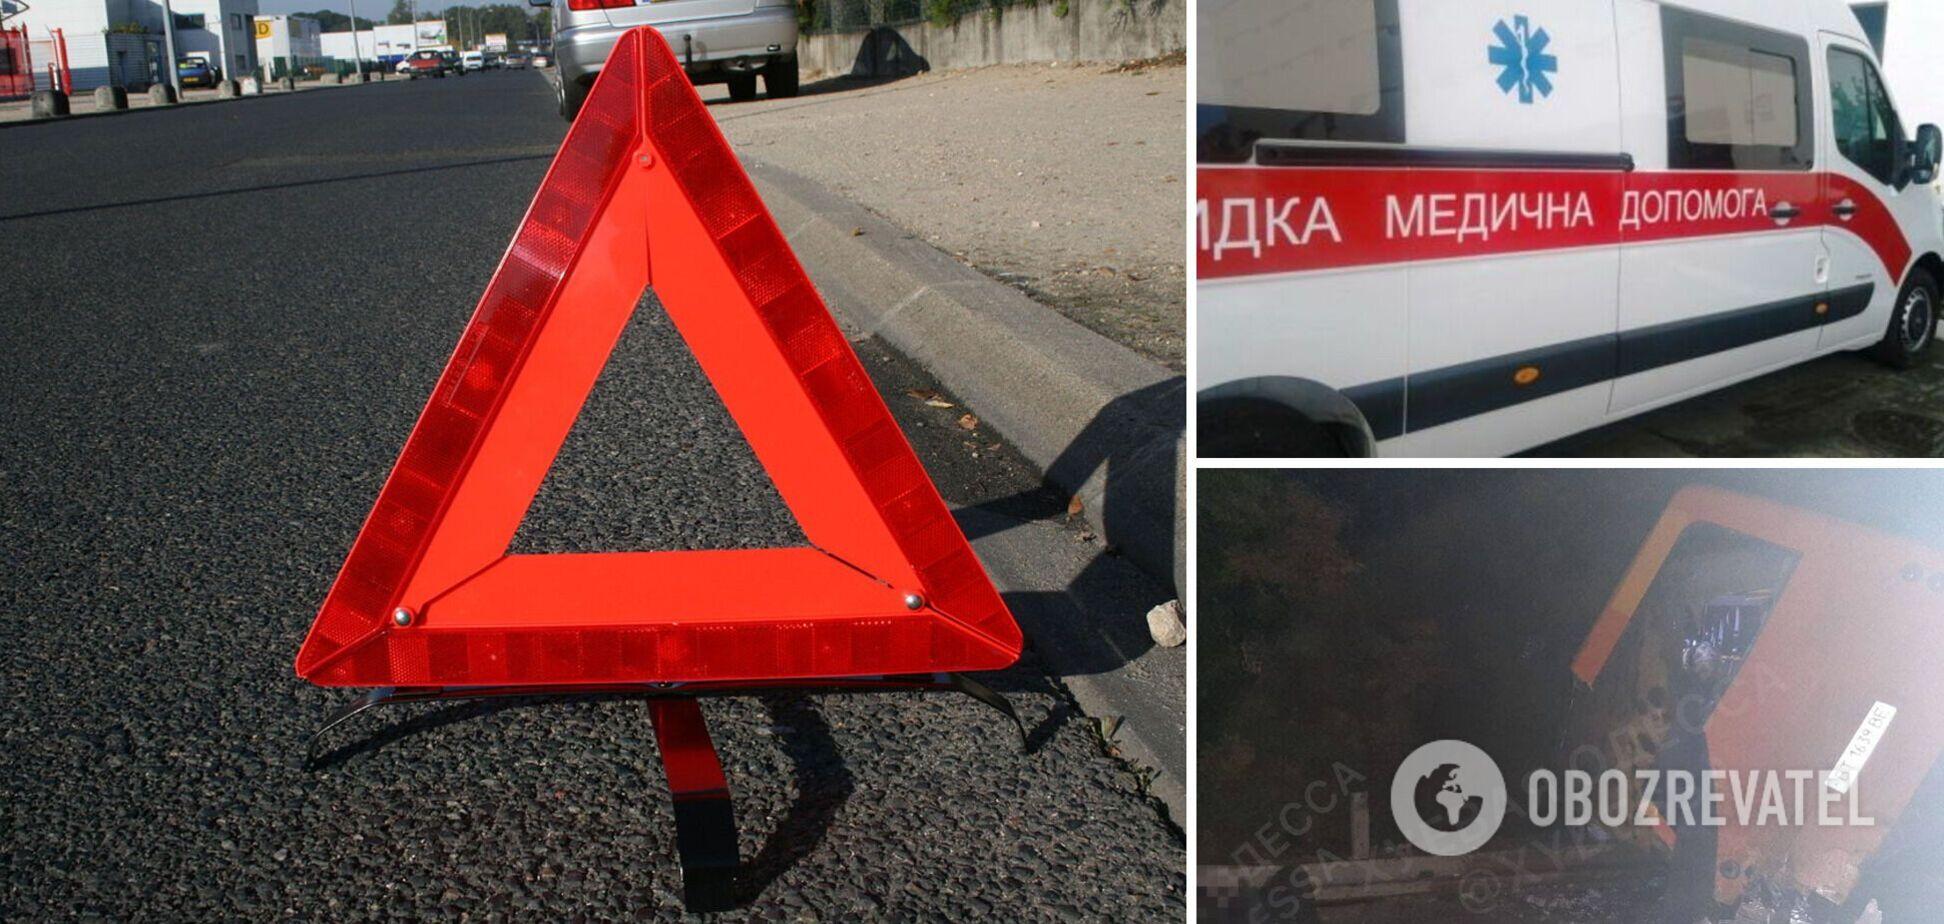 Під Одесою автобус зіткнувся з фурою: загинули 2 людини і 6 постраждали. Фото 18+